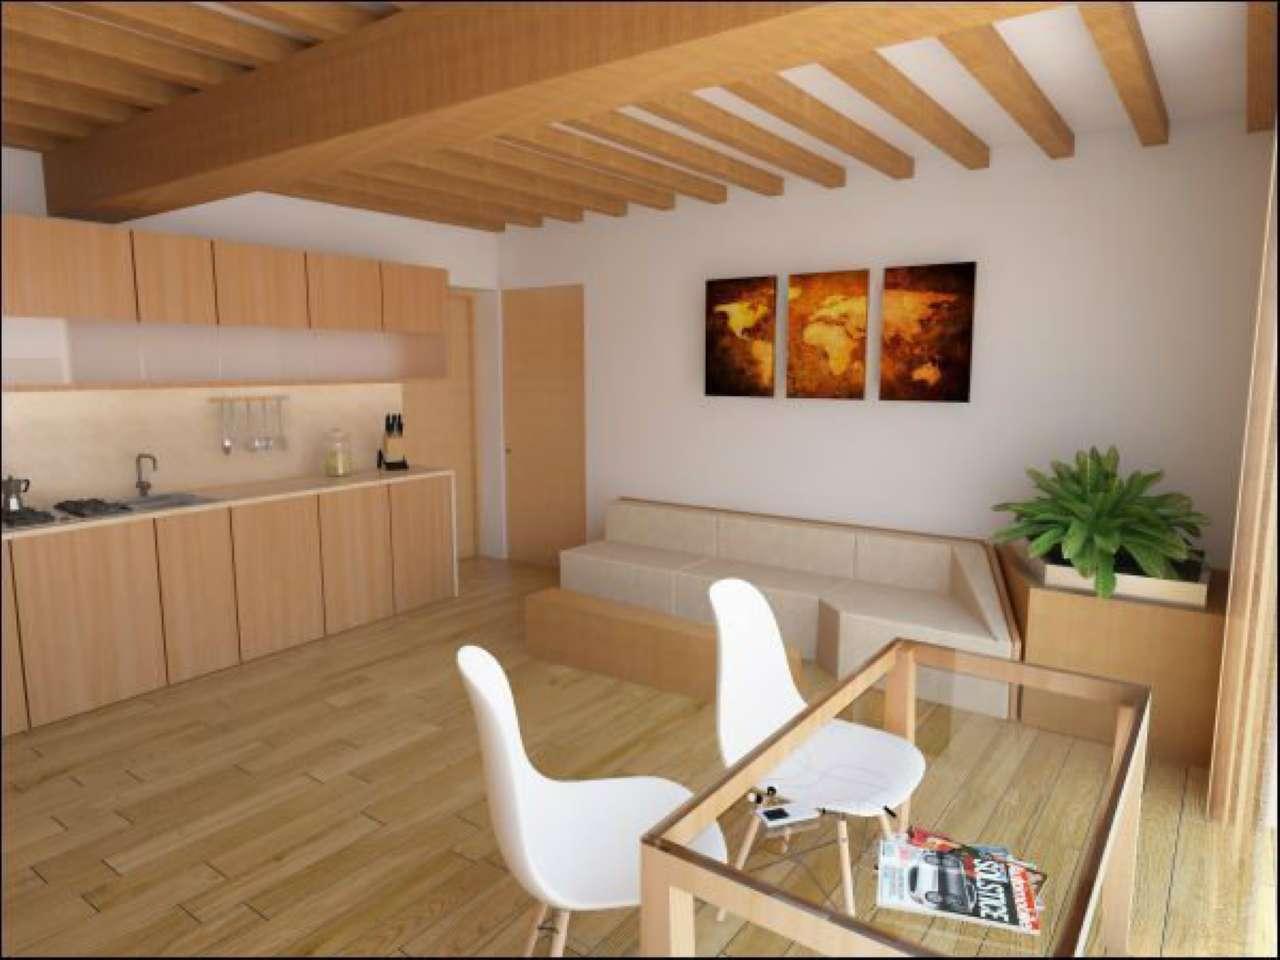 Rustico / Casale in vendita a Martellago, 9999 locali, prezzo € 95.000 | Cambio Casa.it